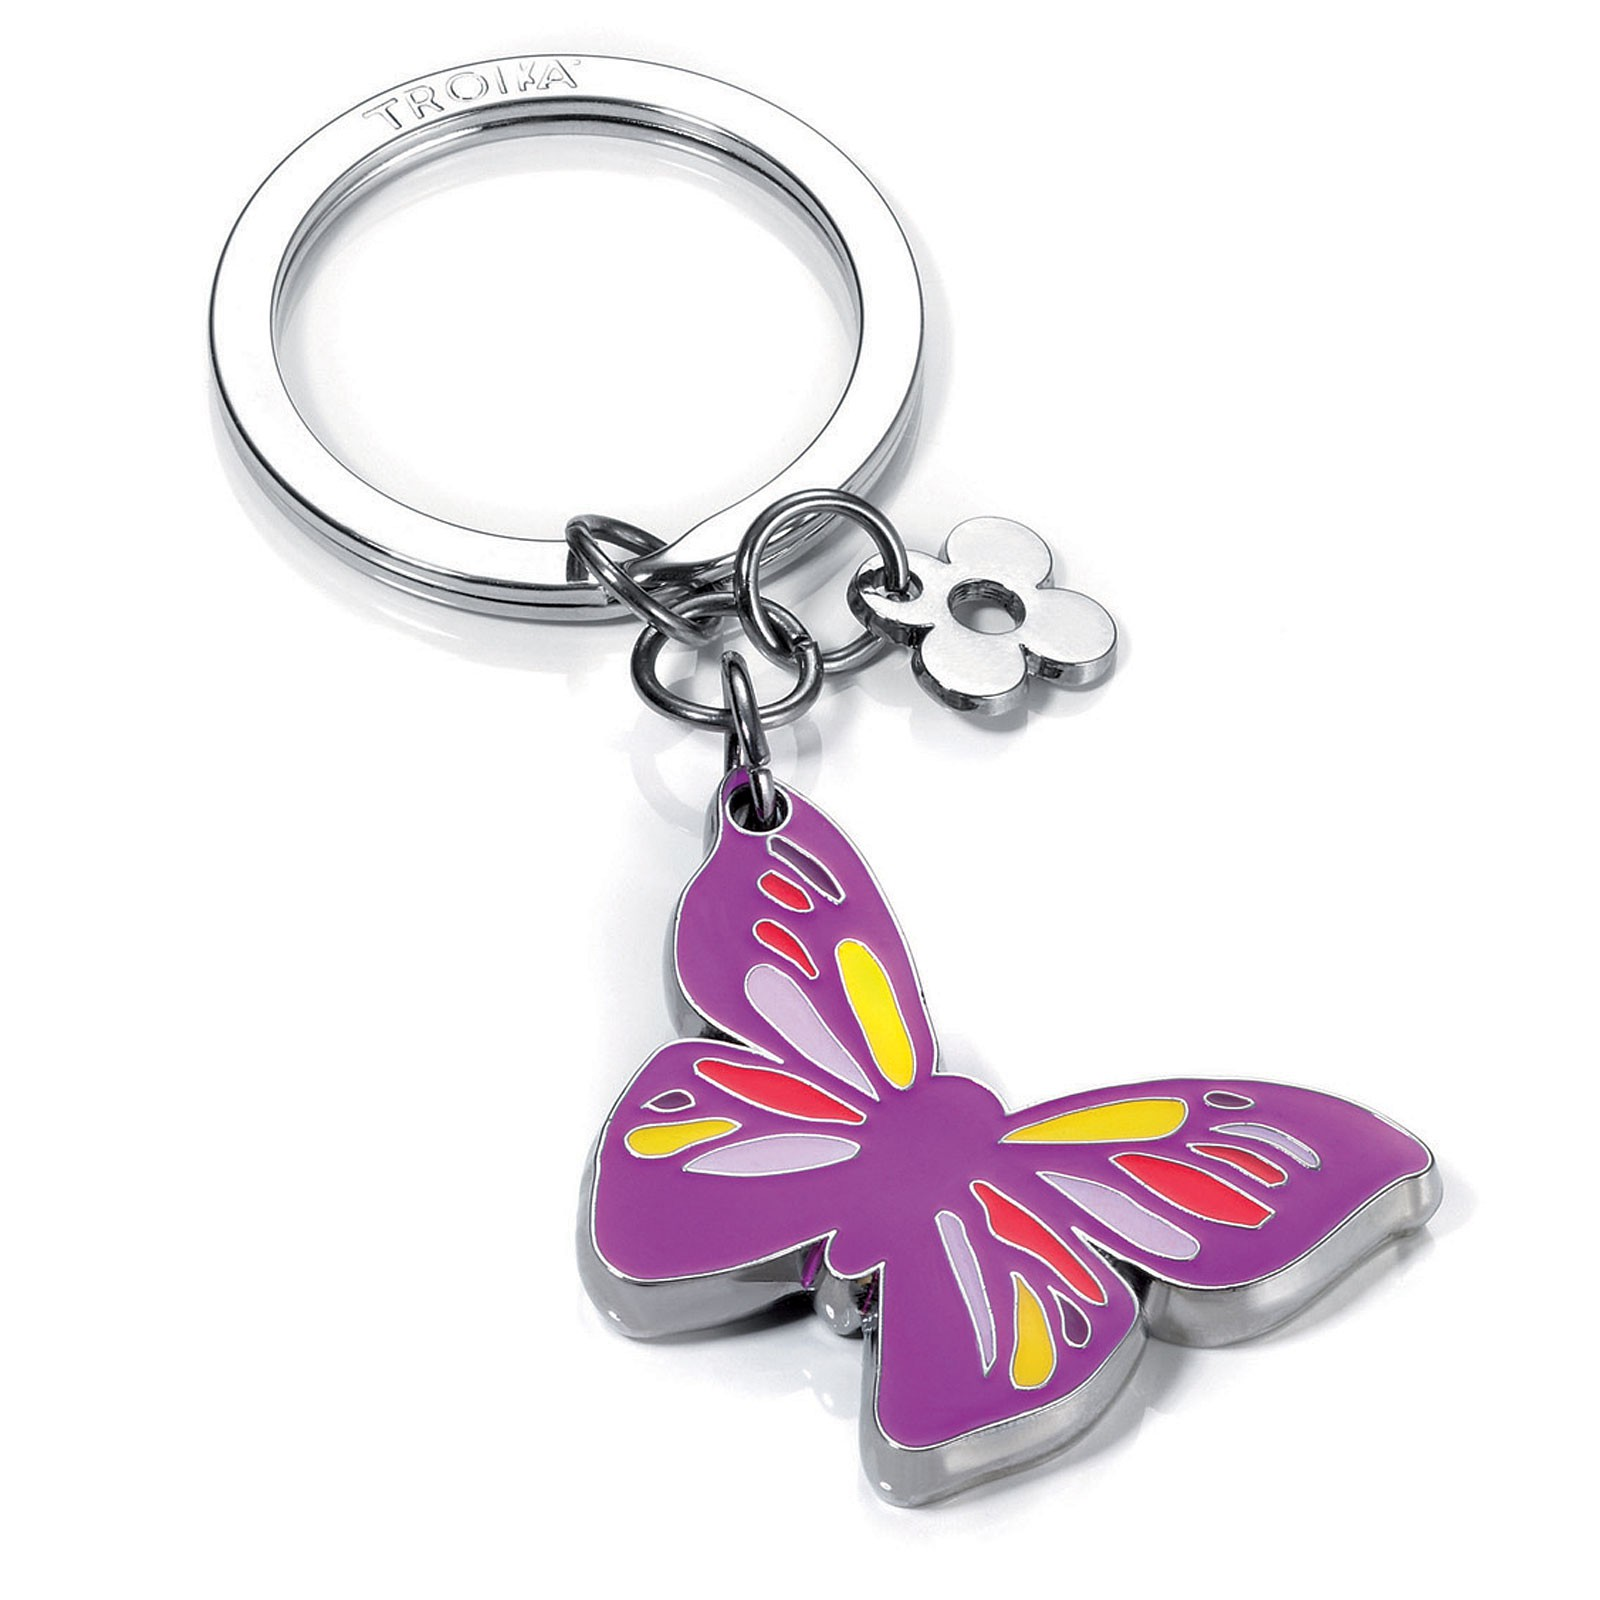 TROIKA Schlüsselanhänger LITTLE BUTTERFLY Schmetterling mit kleinem Blumen-Anhänger